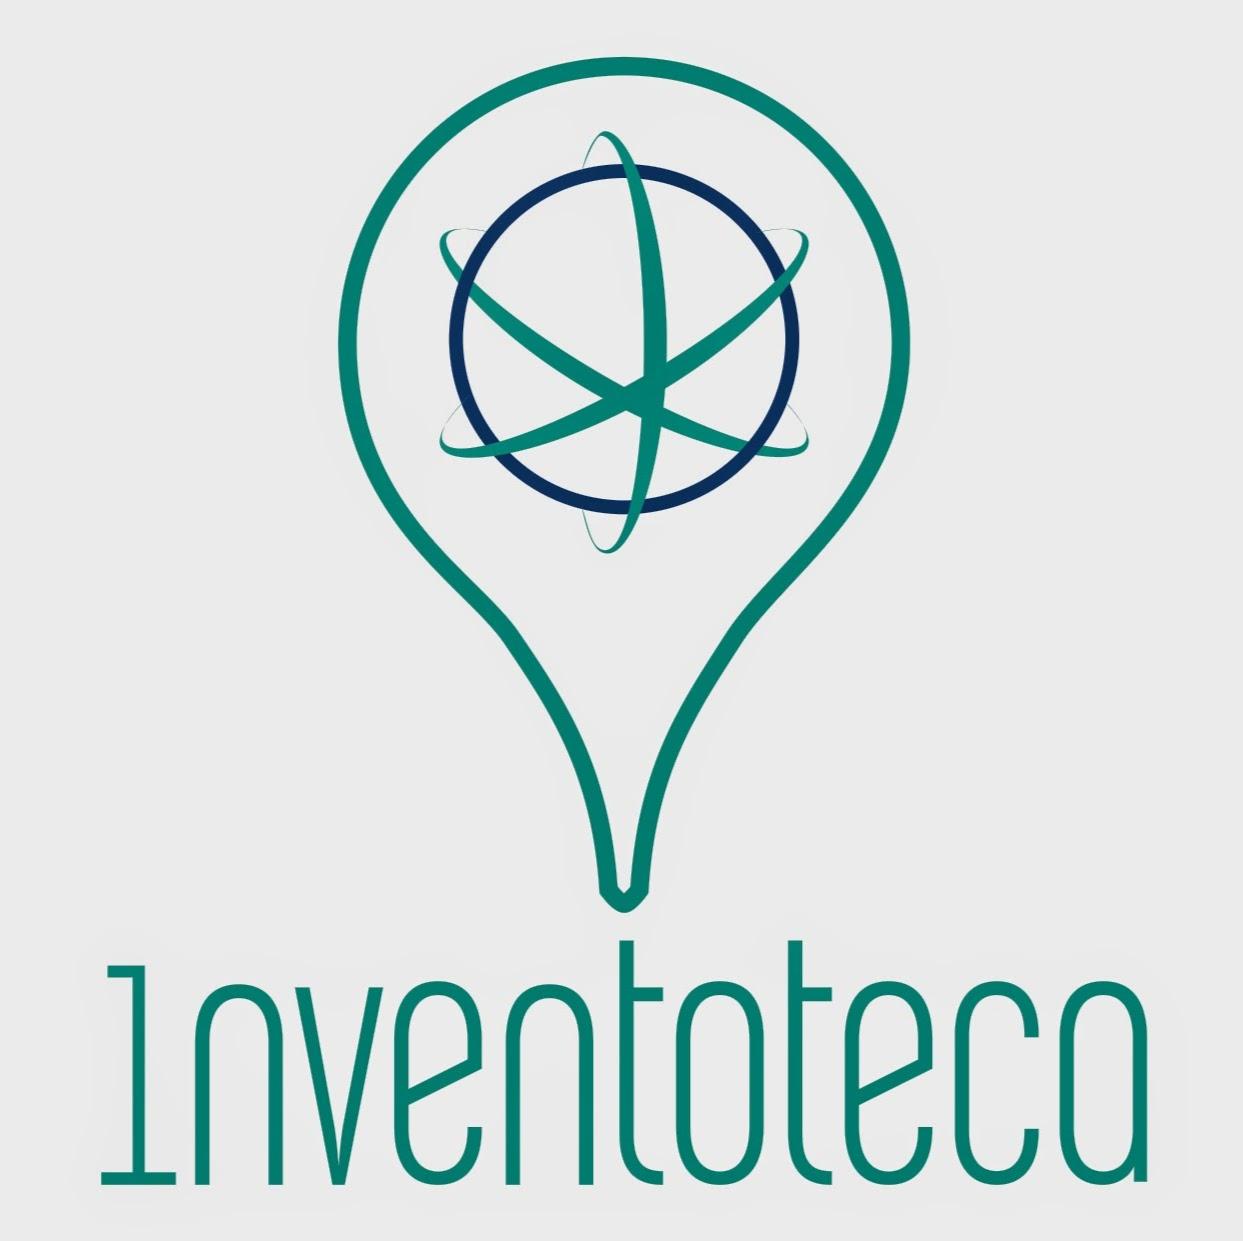 inventoteca.com/